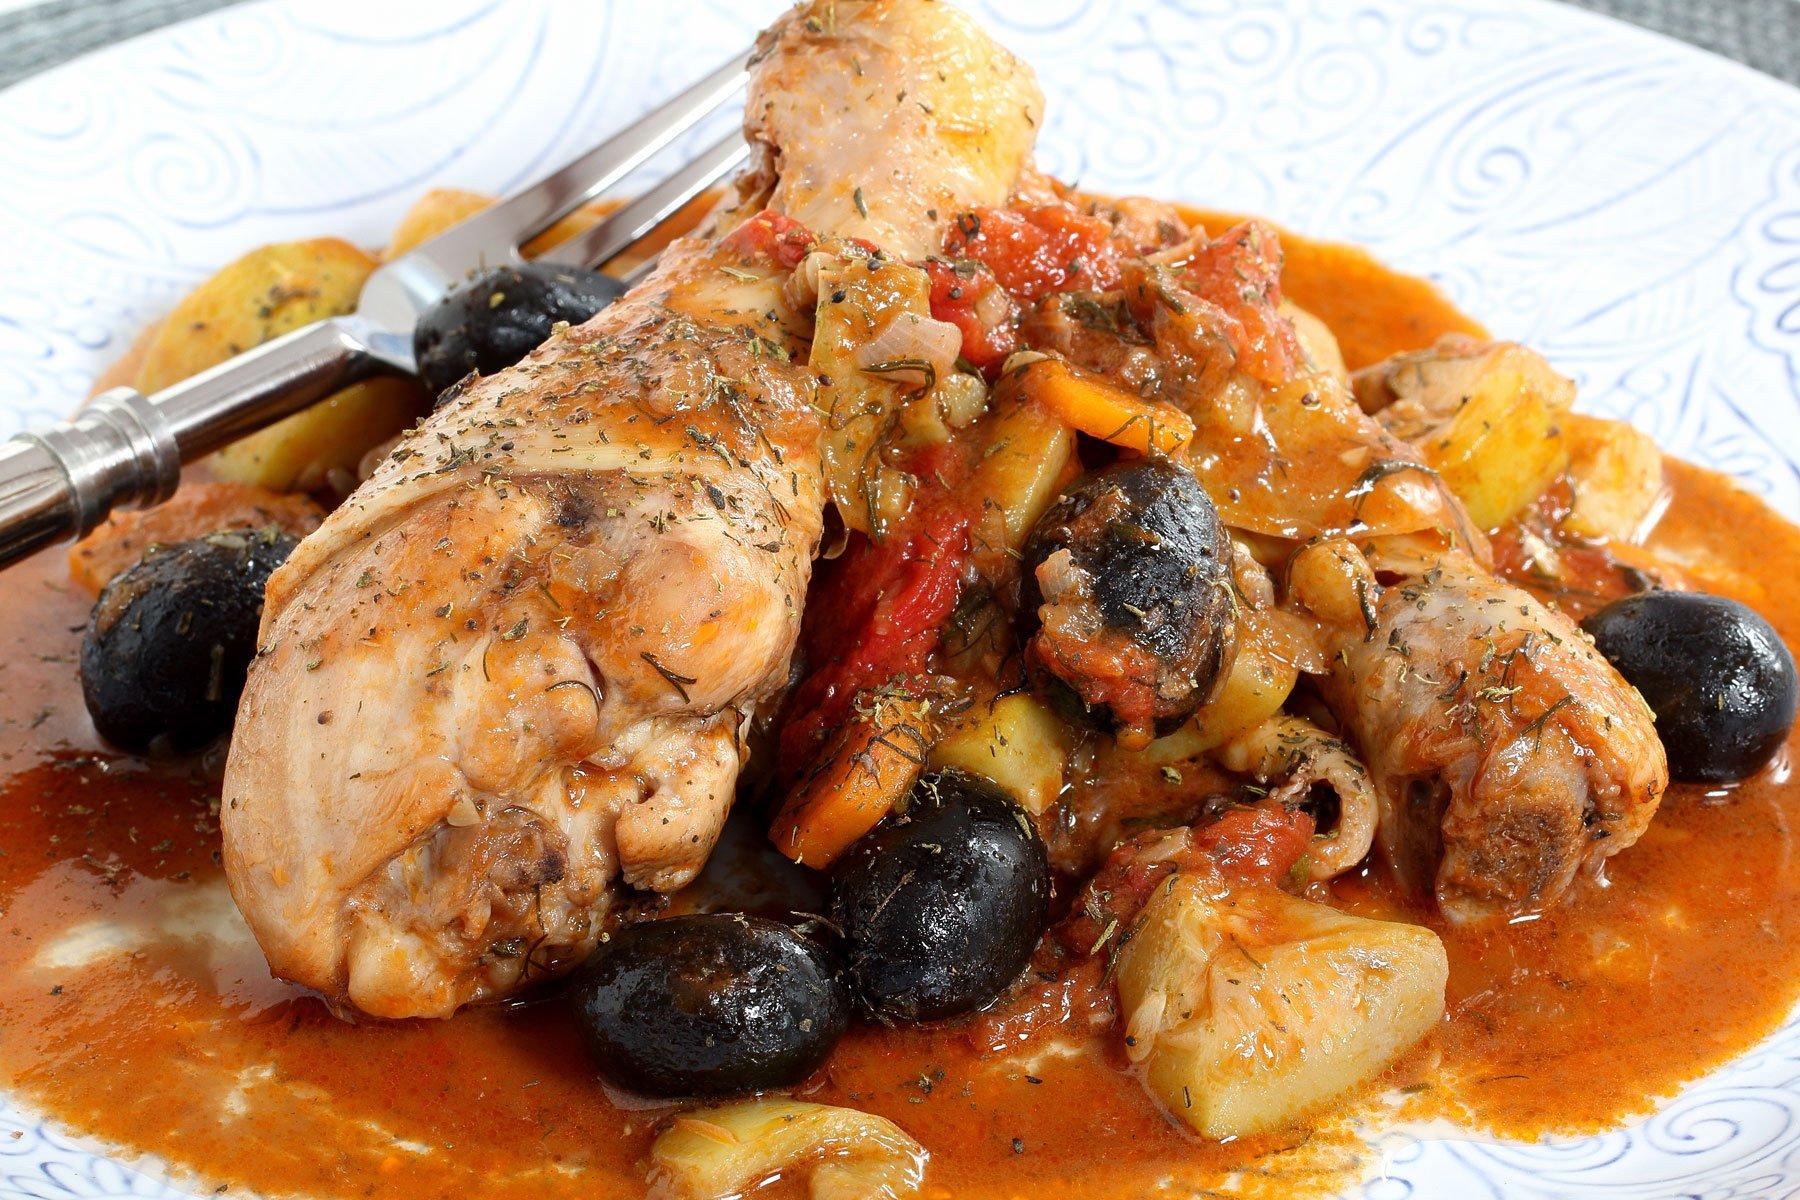 Delle cosce di pollo con delle olive nere